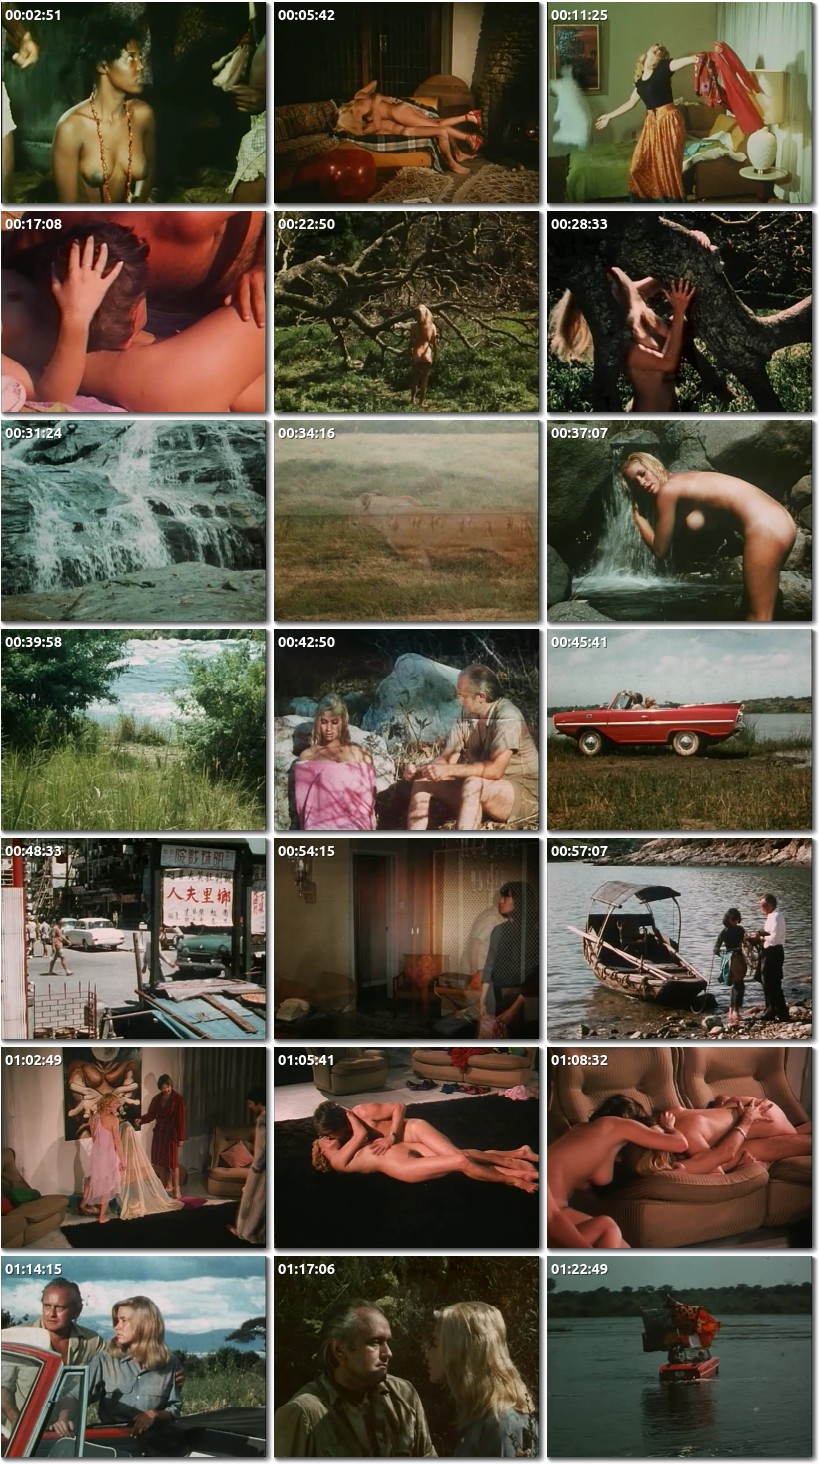 zapreshennie-eroticheskie-filmi-smotret